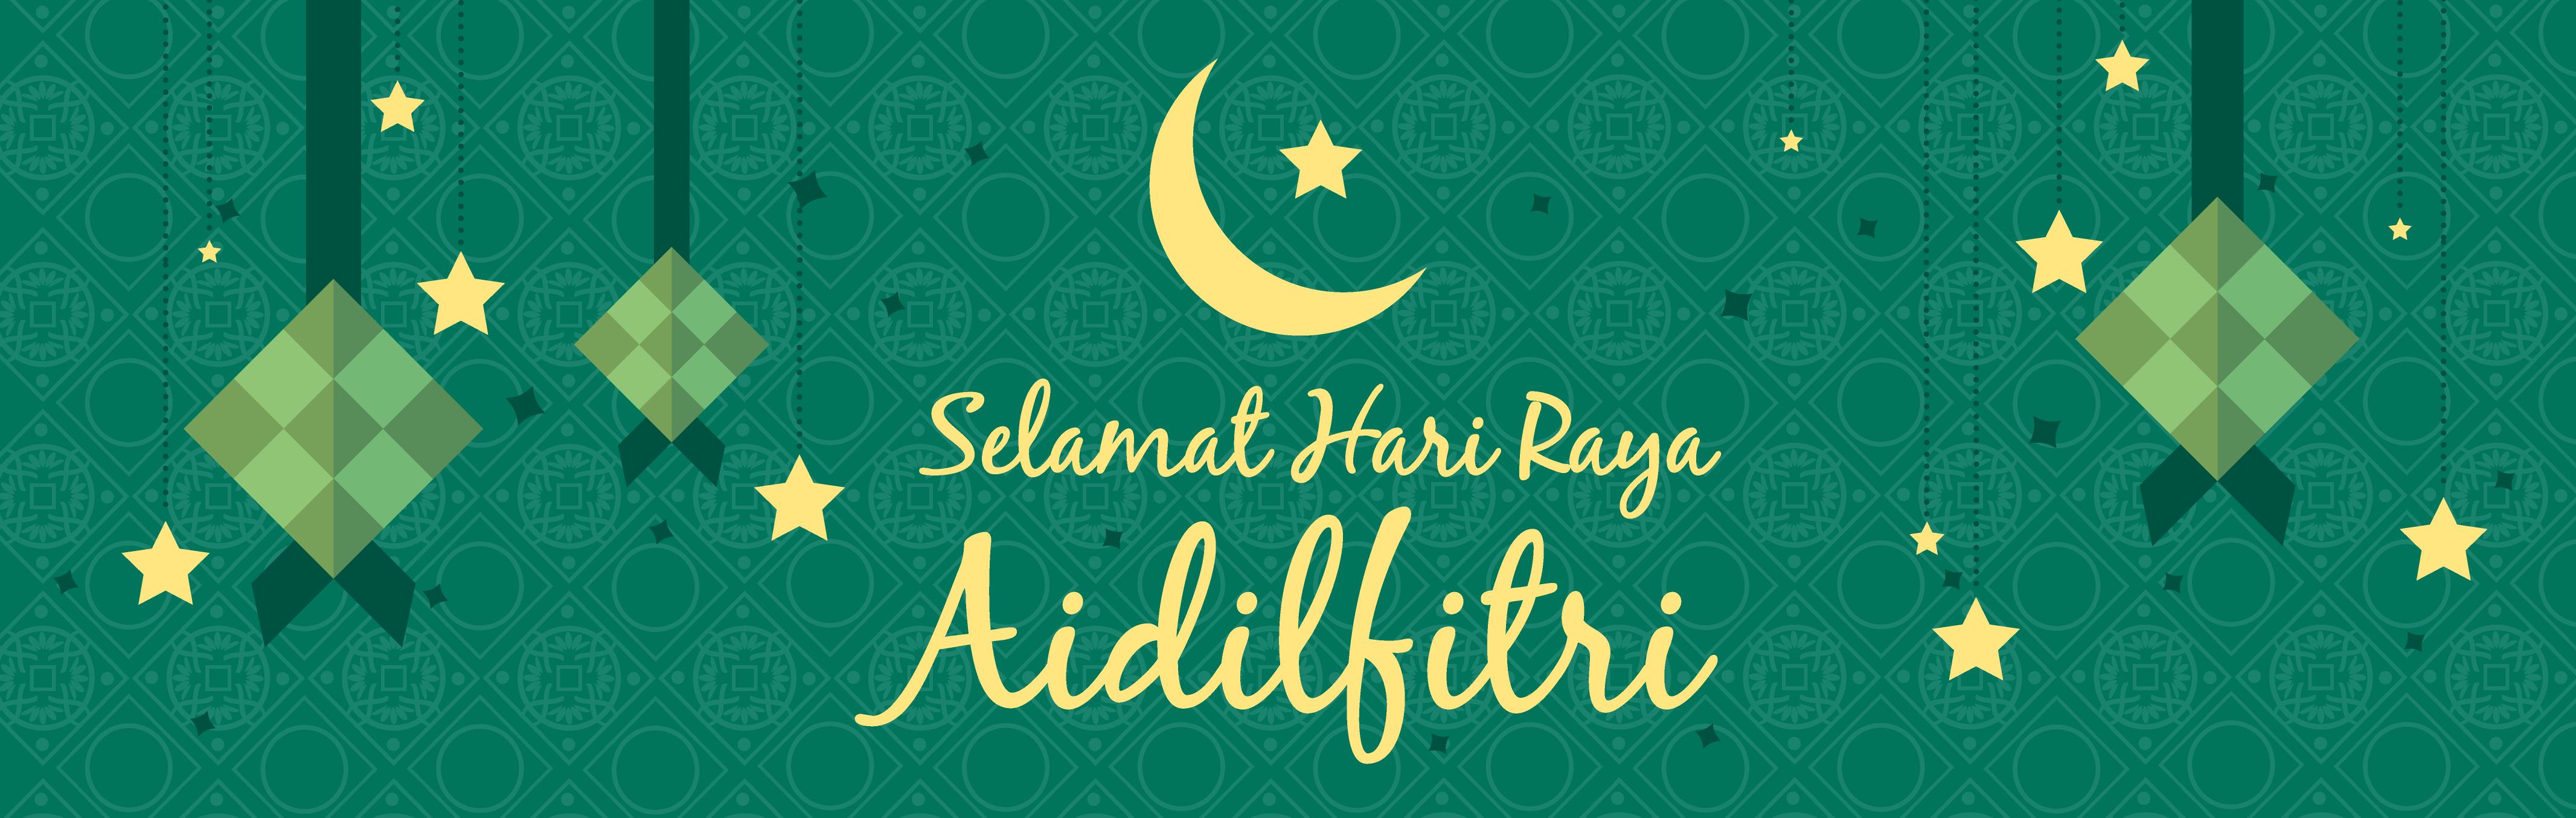 Wish everyone Selamat Hari Raya Aidilfitri!